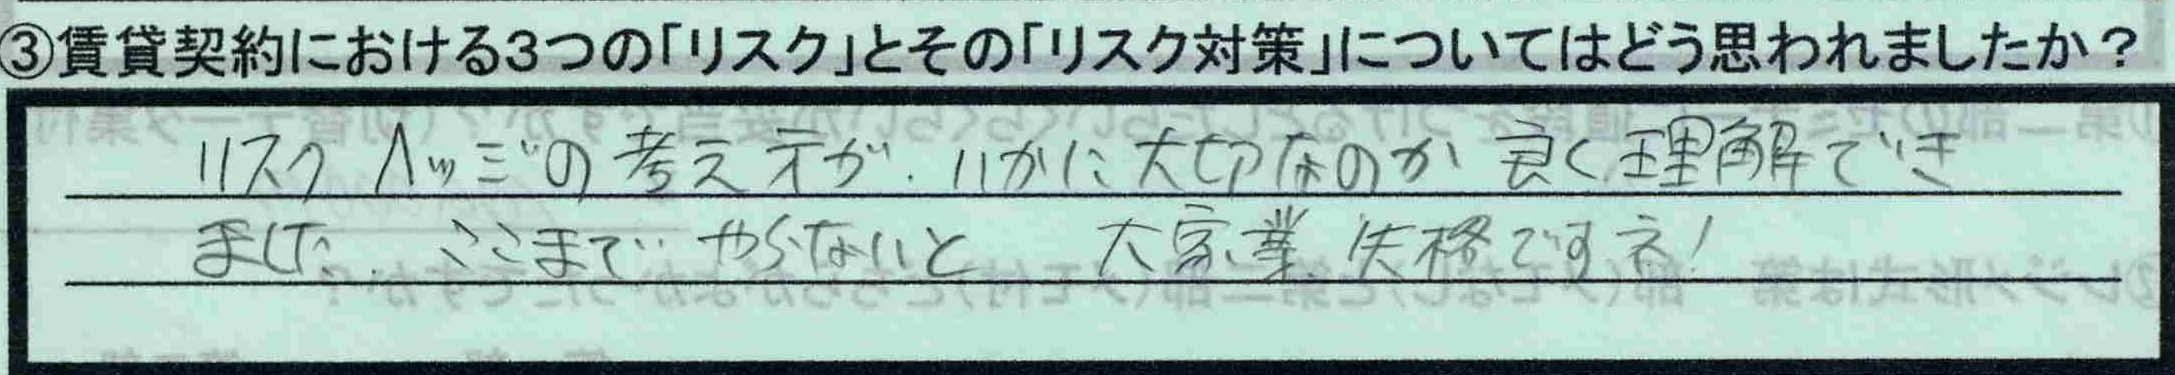 【東京都町田市】【塚田茂さん】【リスク対策について】